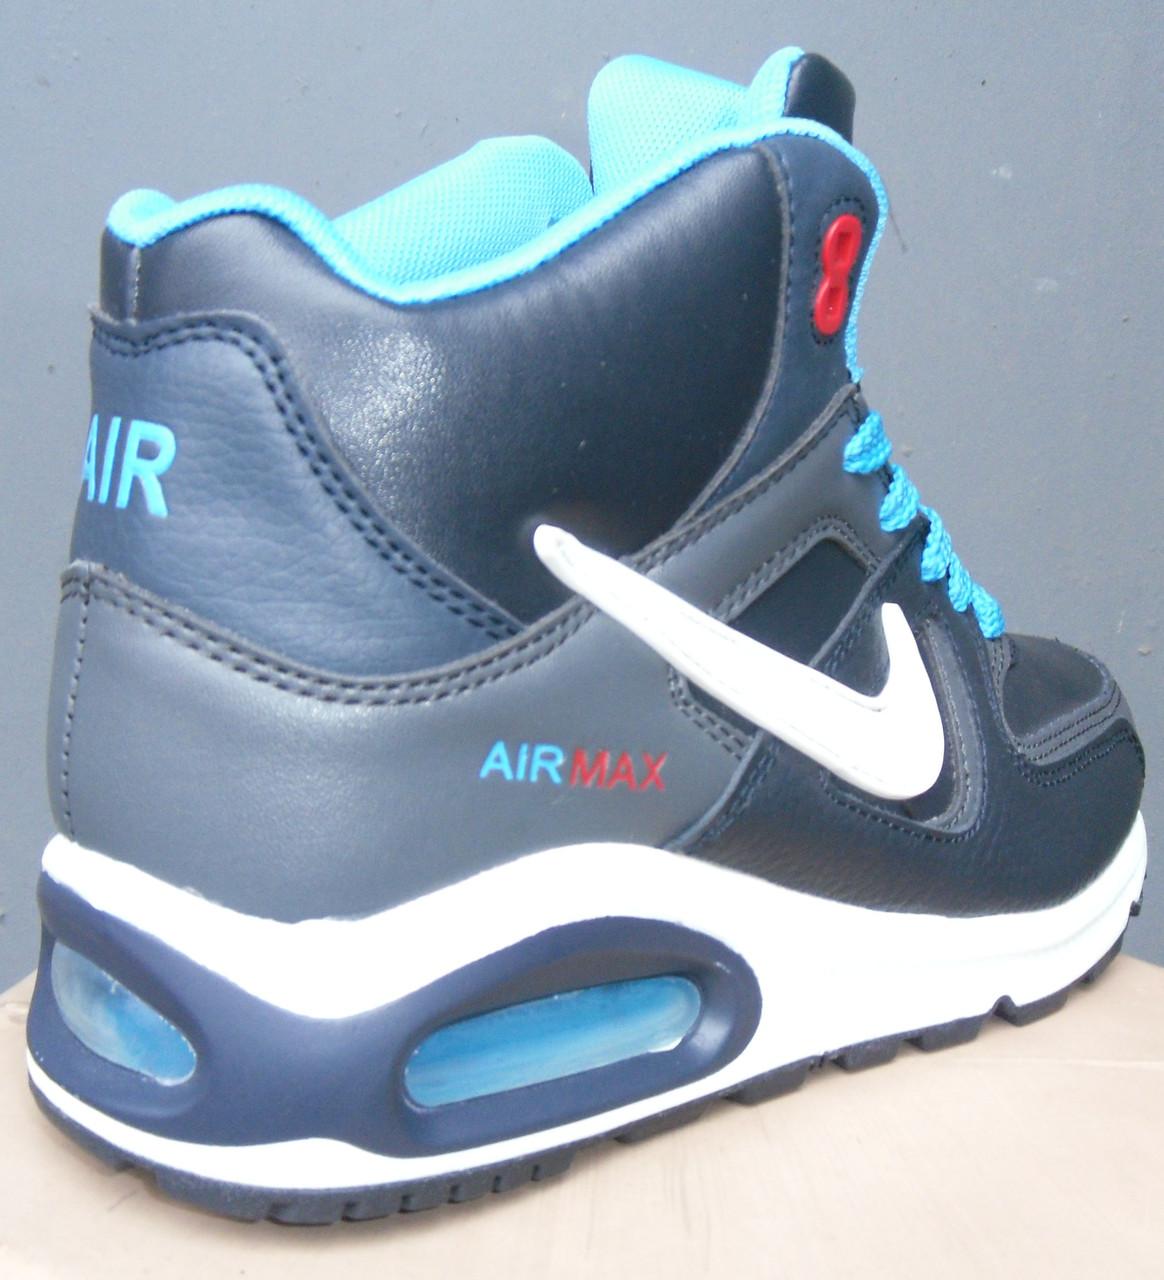 Купить подростковые зимние кроссовки Nike Air Max на меху в Хмельницком -  Интернет-магазин